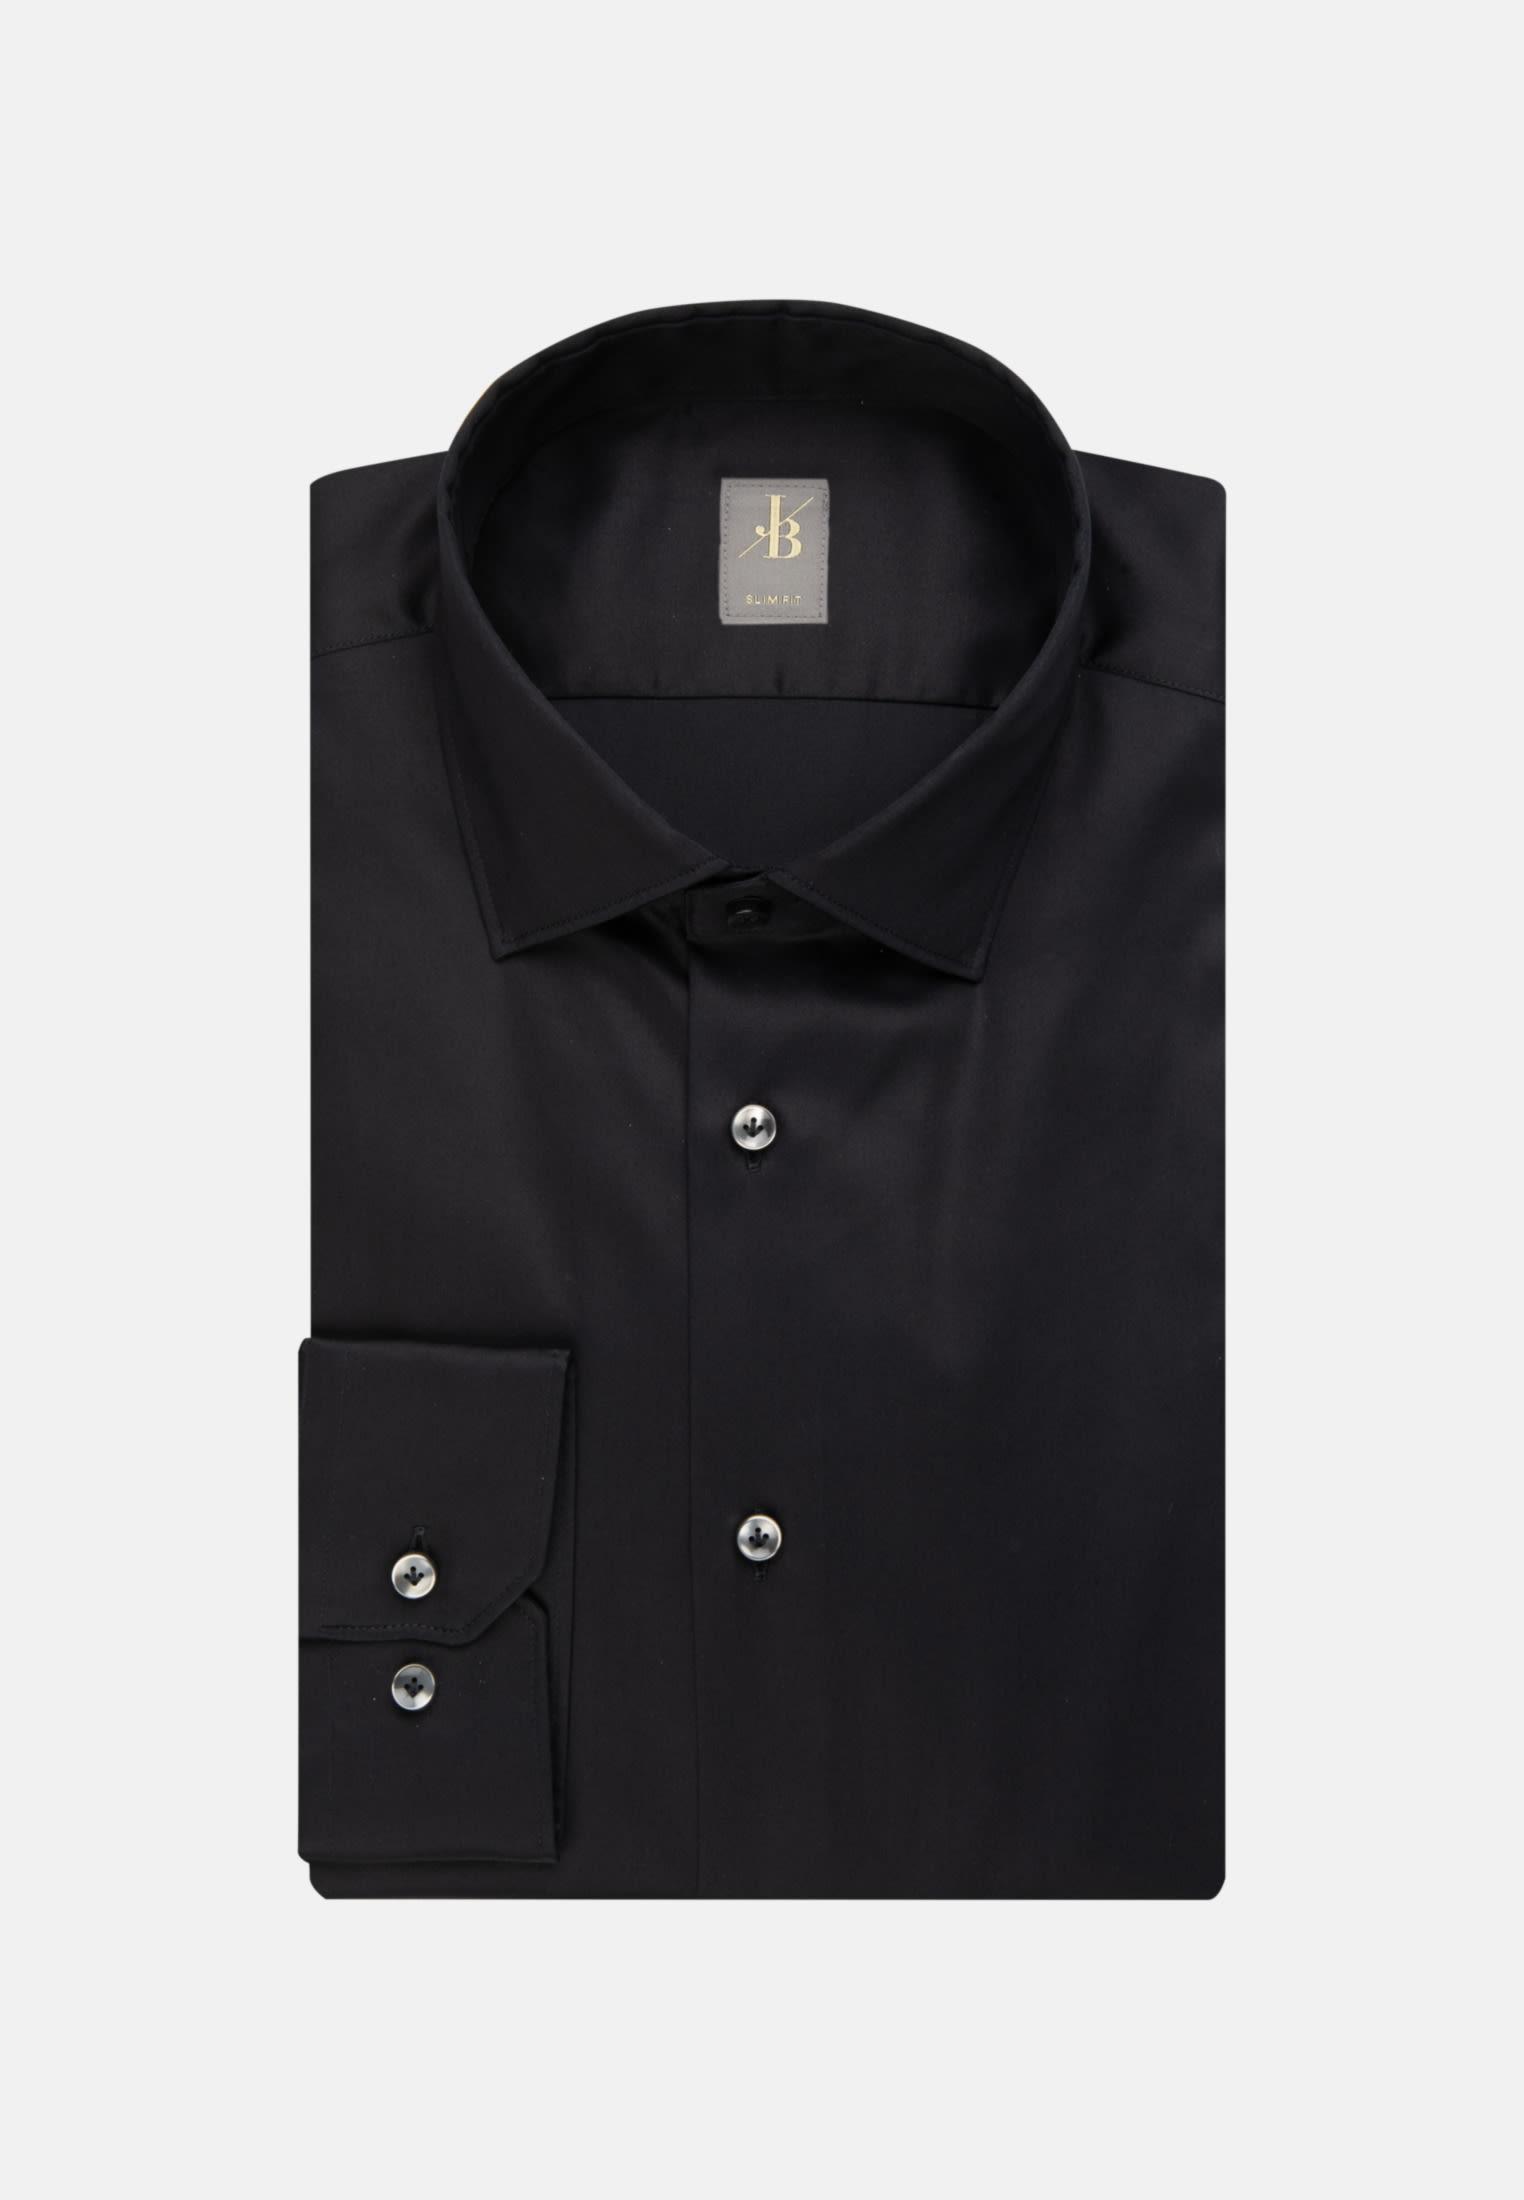 Satin Business Hemd in Slim Fit mit Kentkragen und extra langem Arm in Schwarz    Jacques Britt Onlineshop